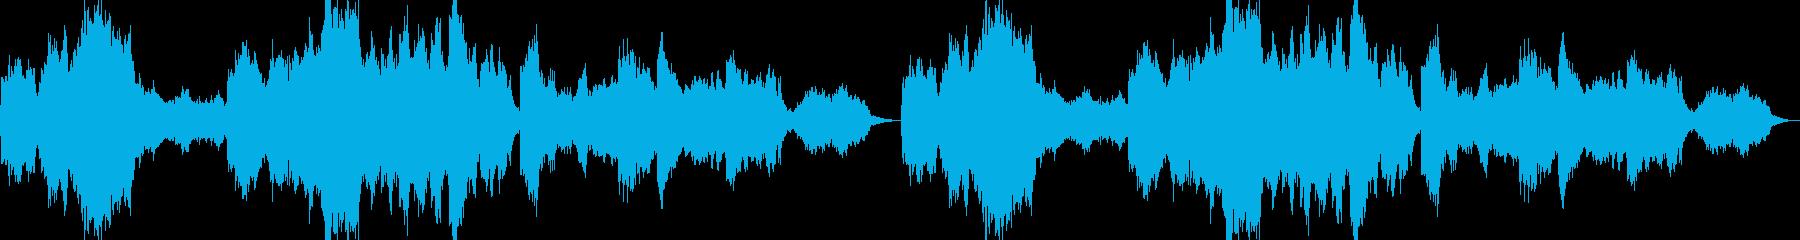 広大で温かい雰囲気のBGMの再生済みの波形